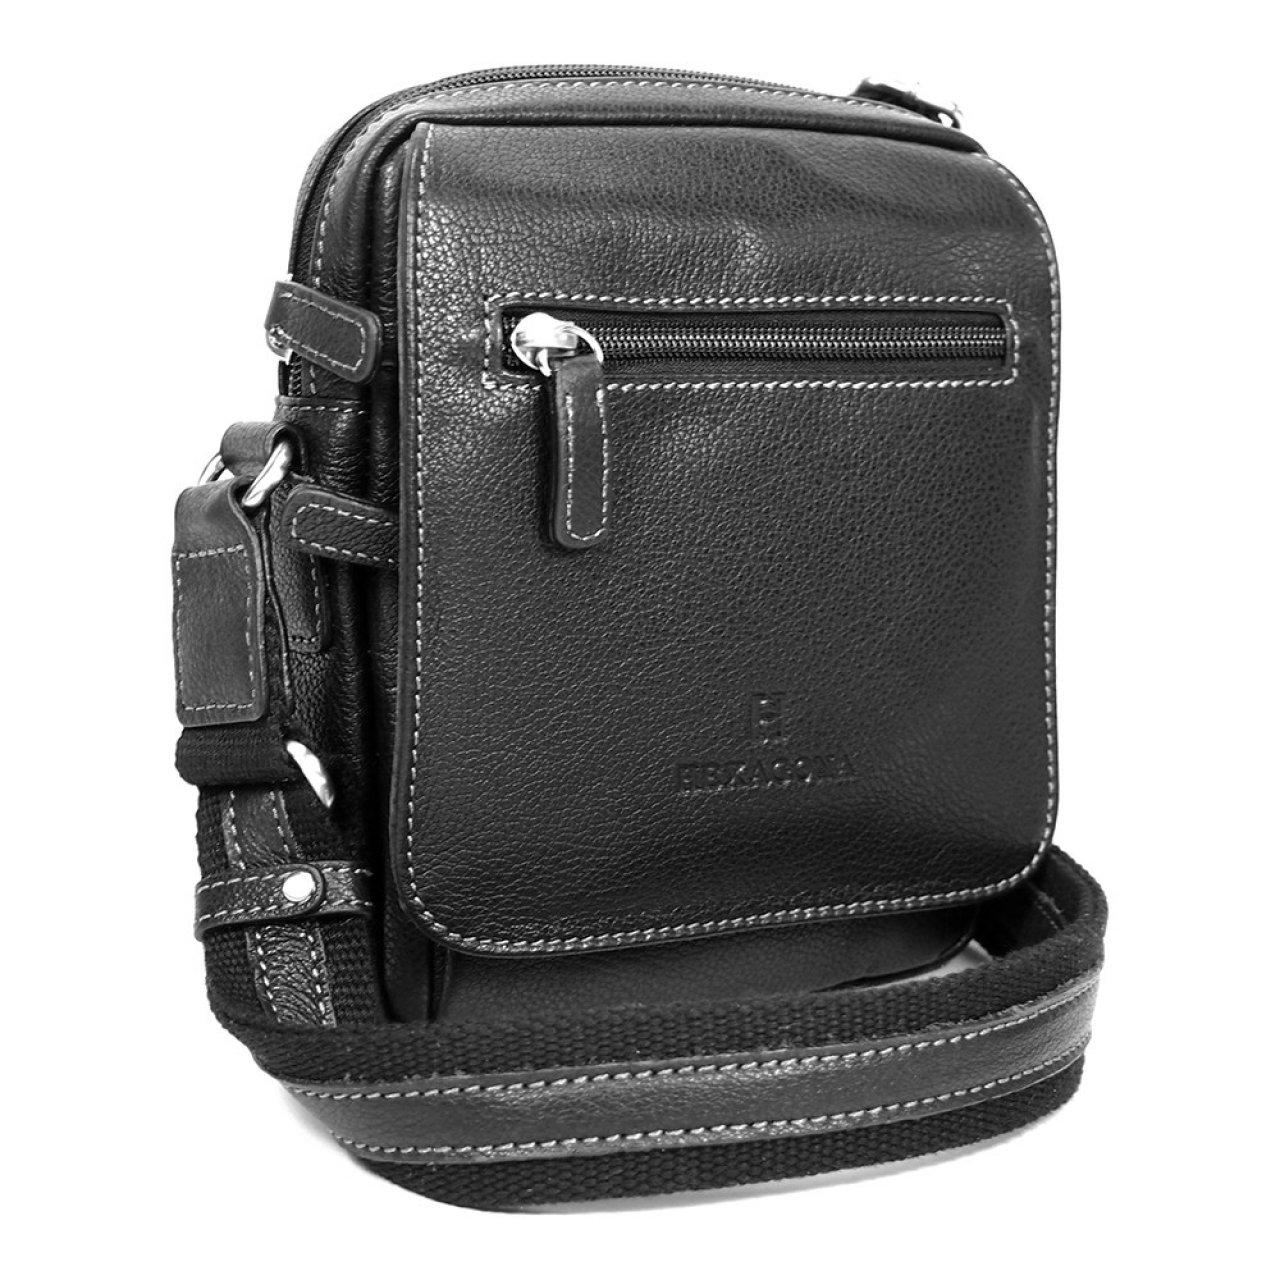 bc73e9c039 Pánská kožená taška na doklady Hexagona 463993 - černá